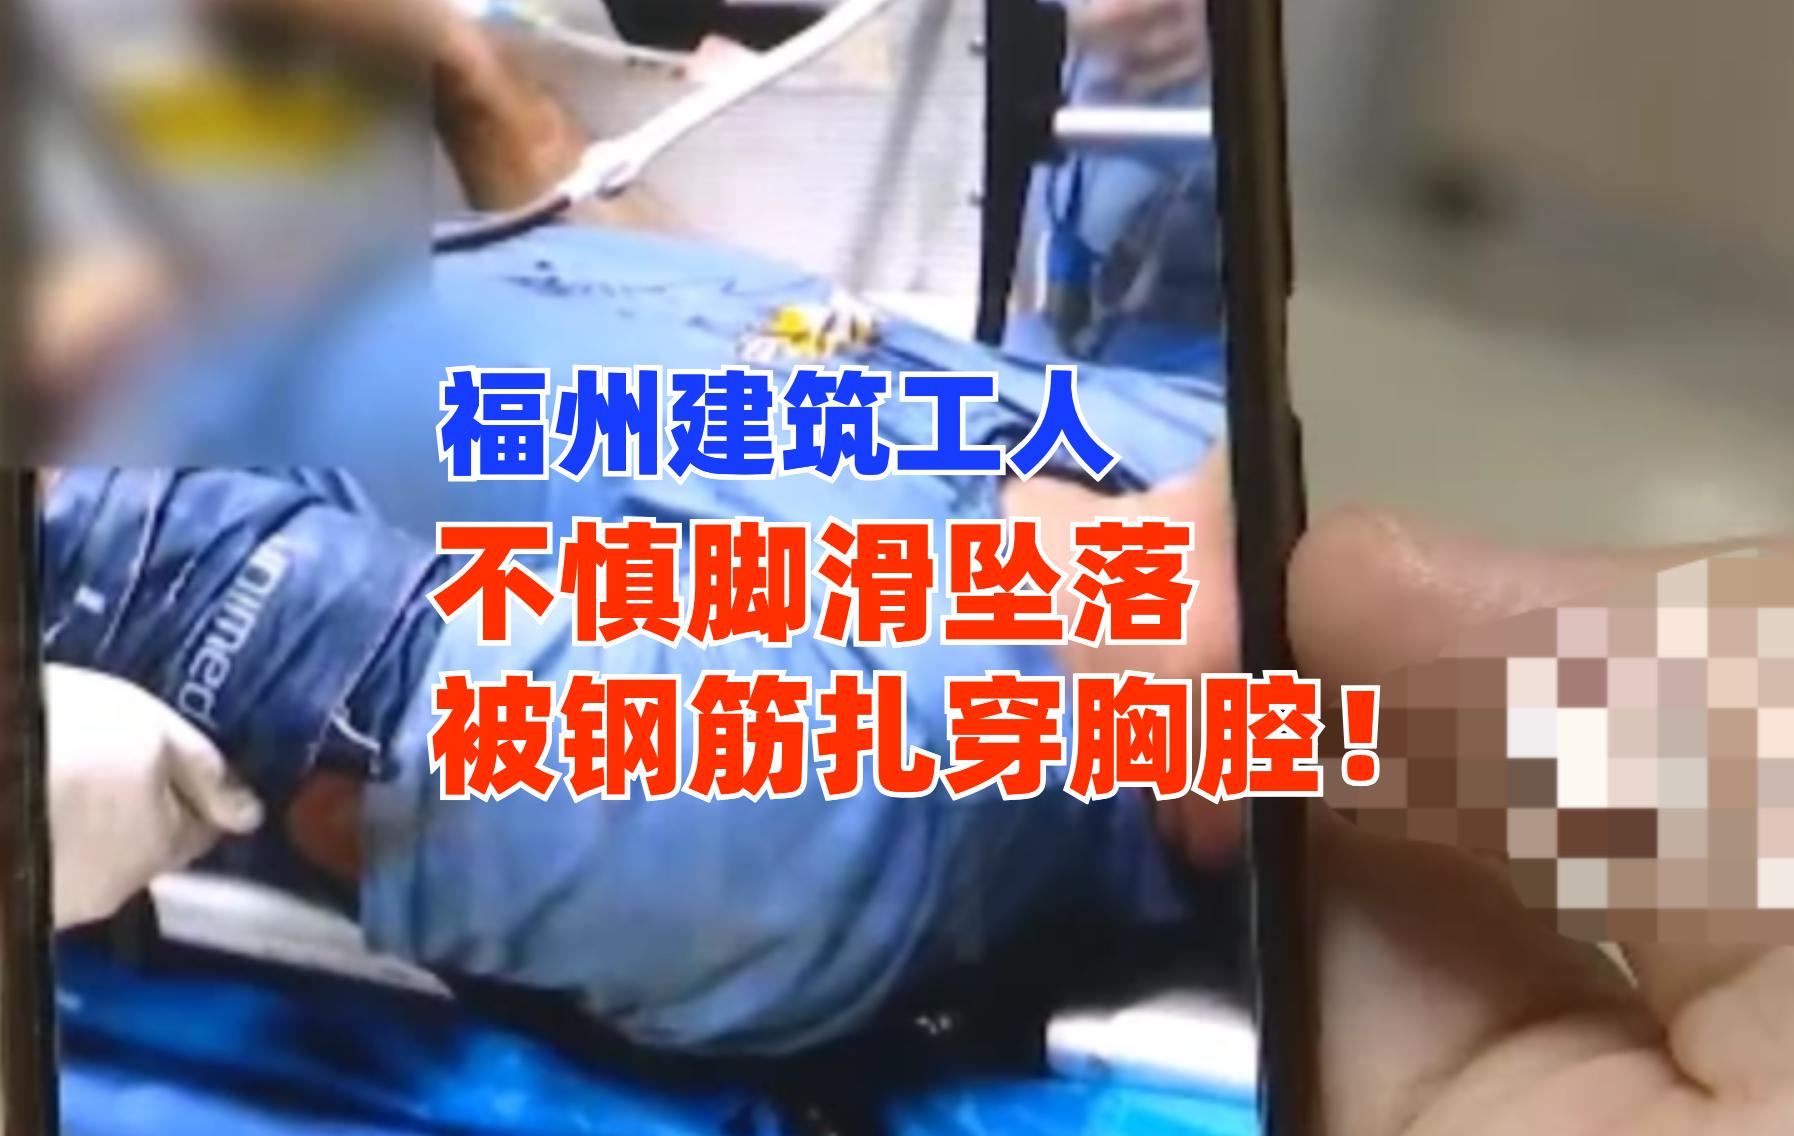 突发!7月又一起工地事故!建筑工人坠落被钢筋扎穿胸腹险丧命!